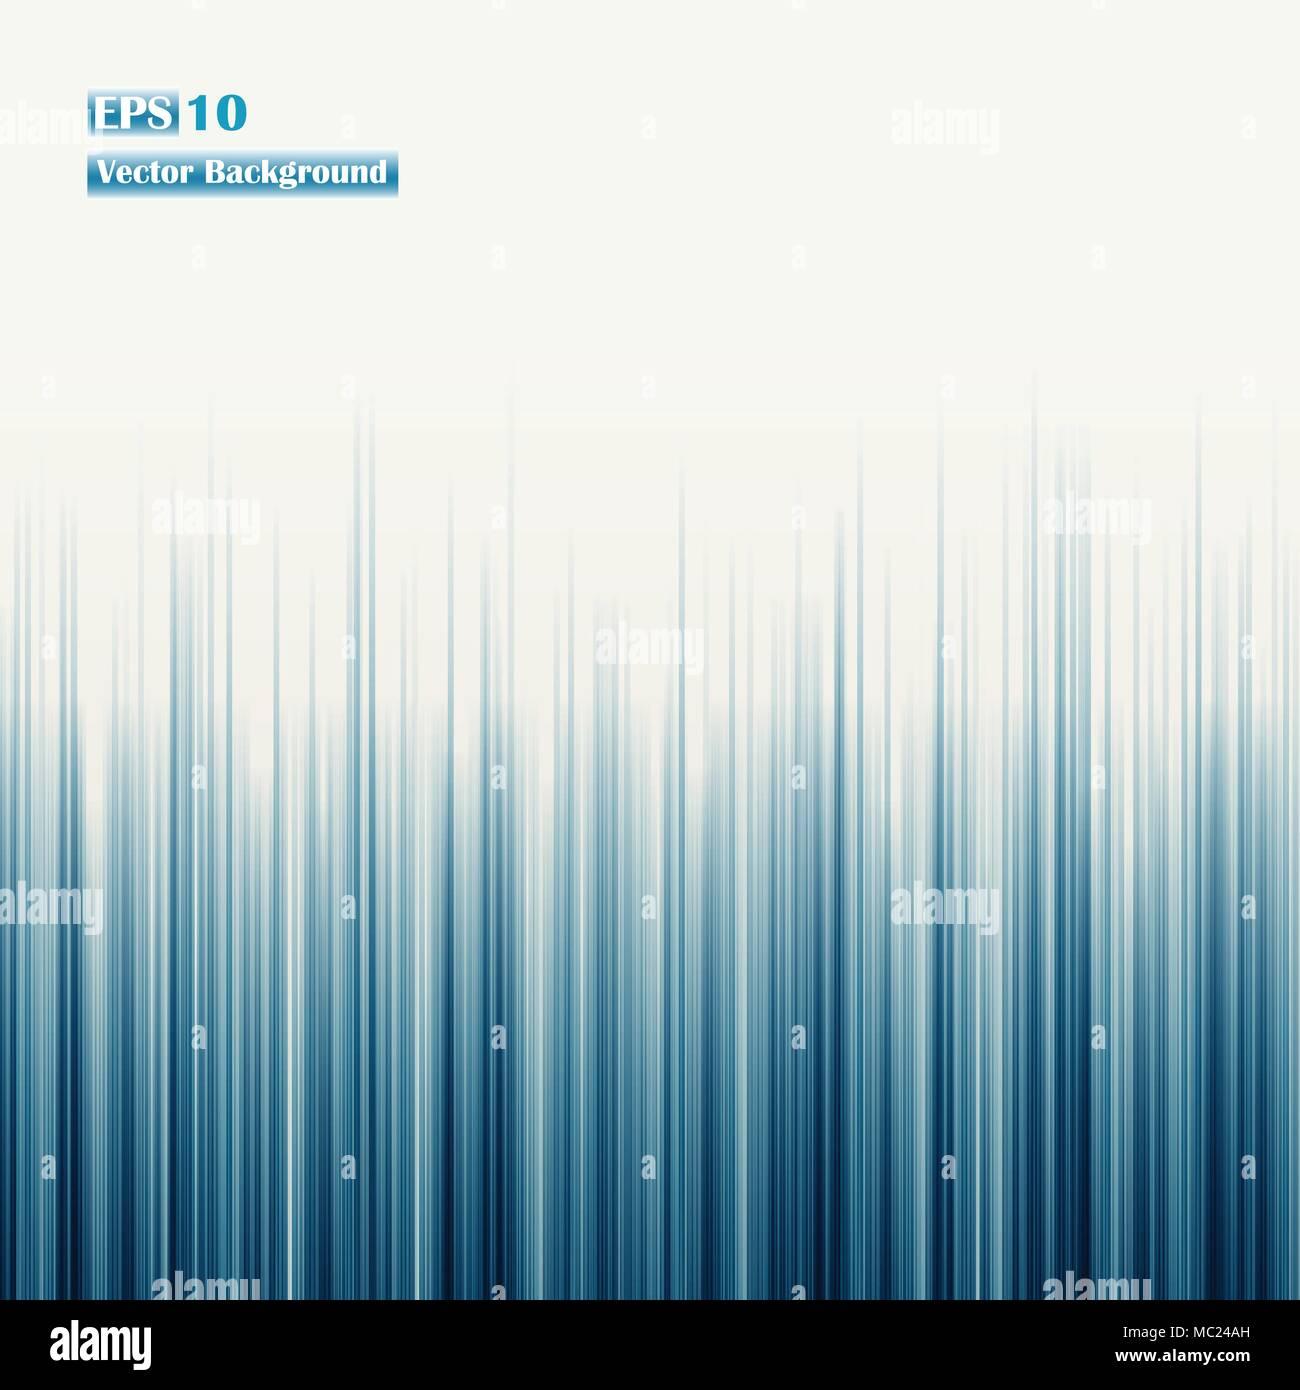 Résumé des lignes droites bleu rétro arrière-plan. Pour la présentation d'affaires banner, illustration vector eps10 Illustration de Vecteur